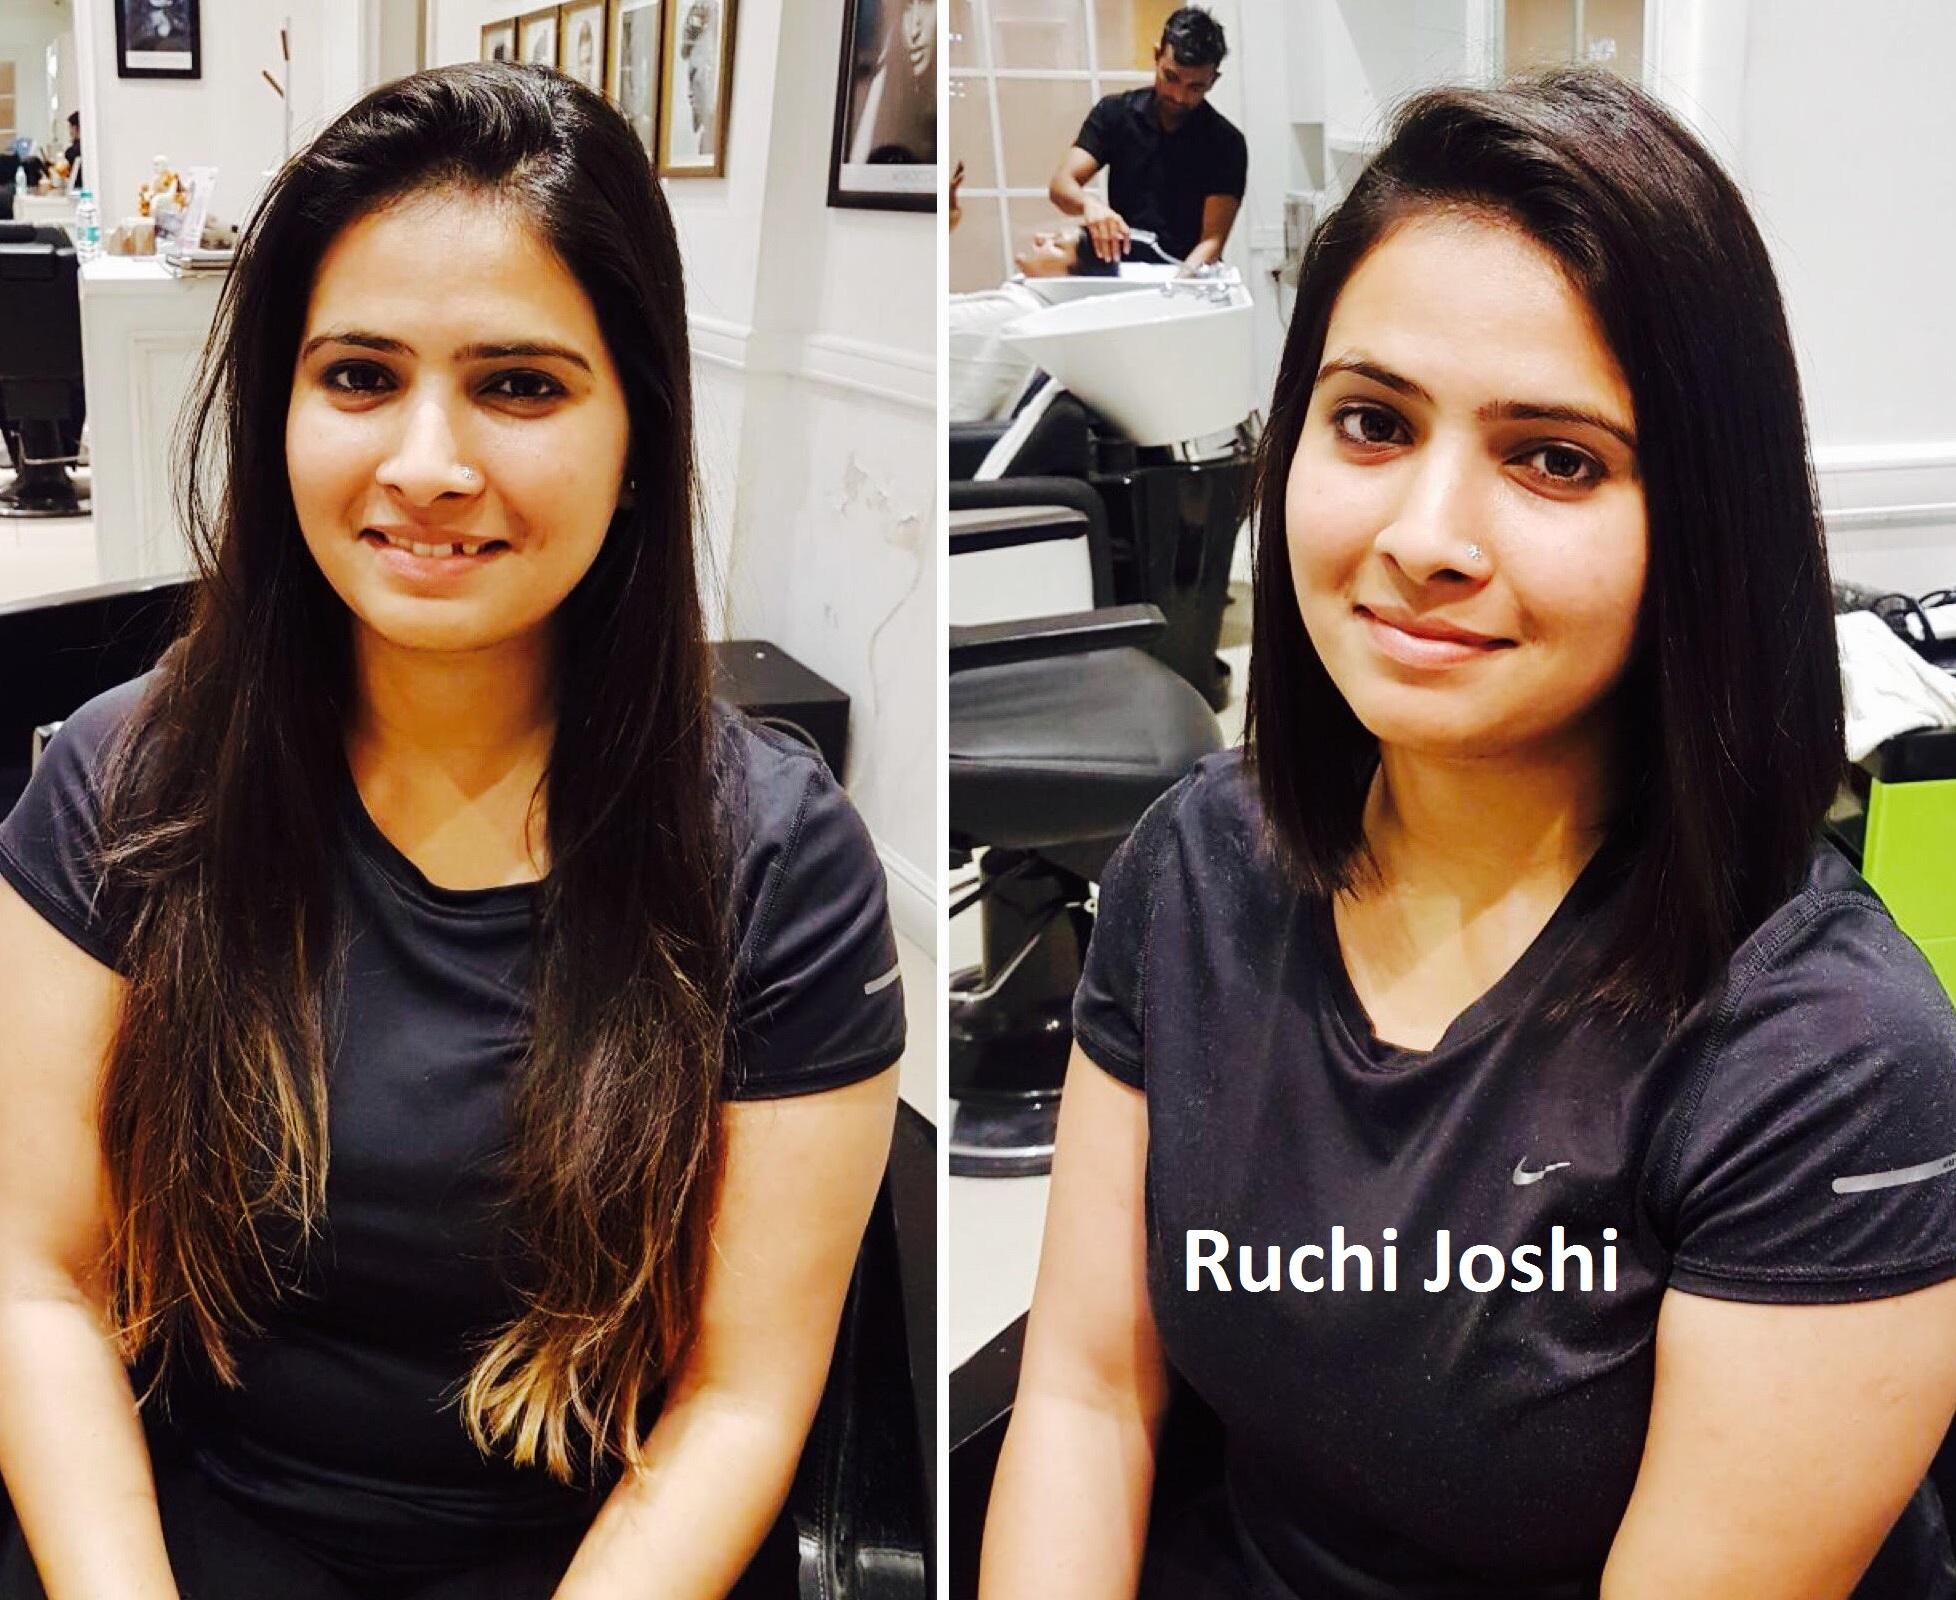 Ruchi Joshi